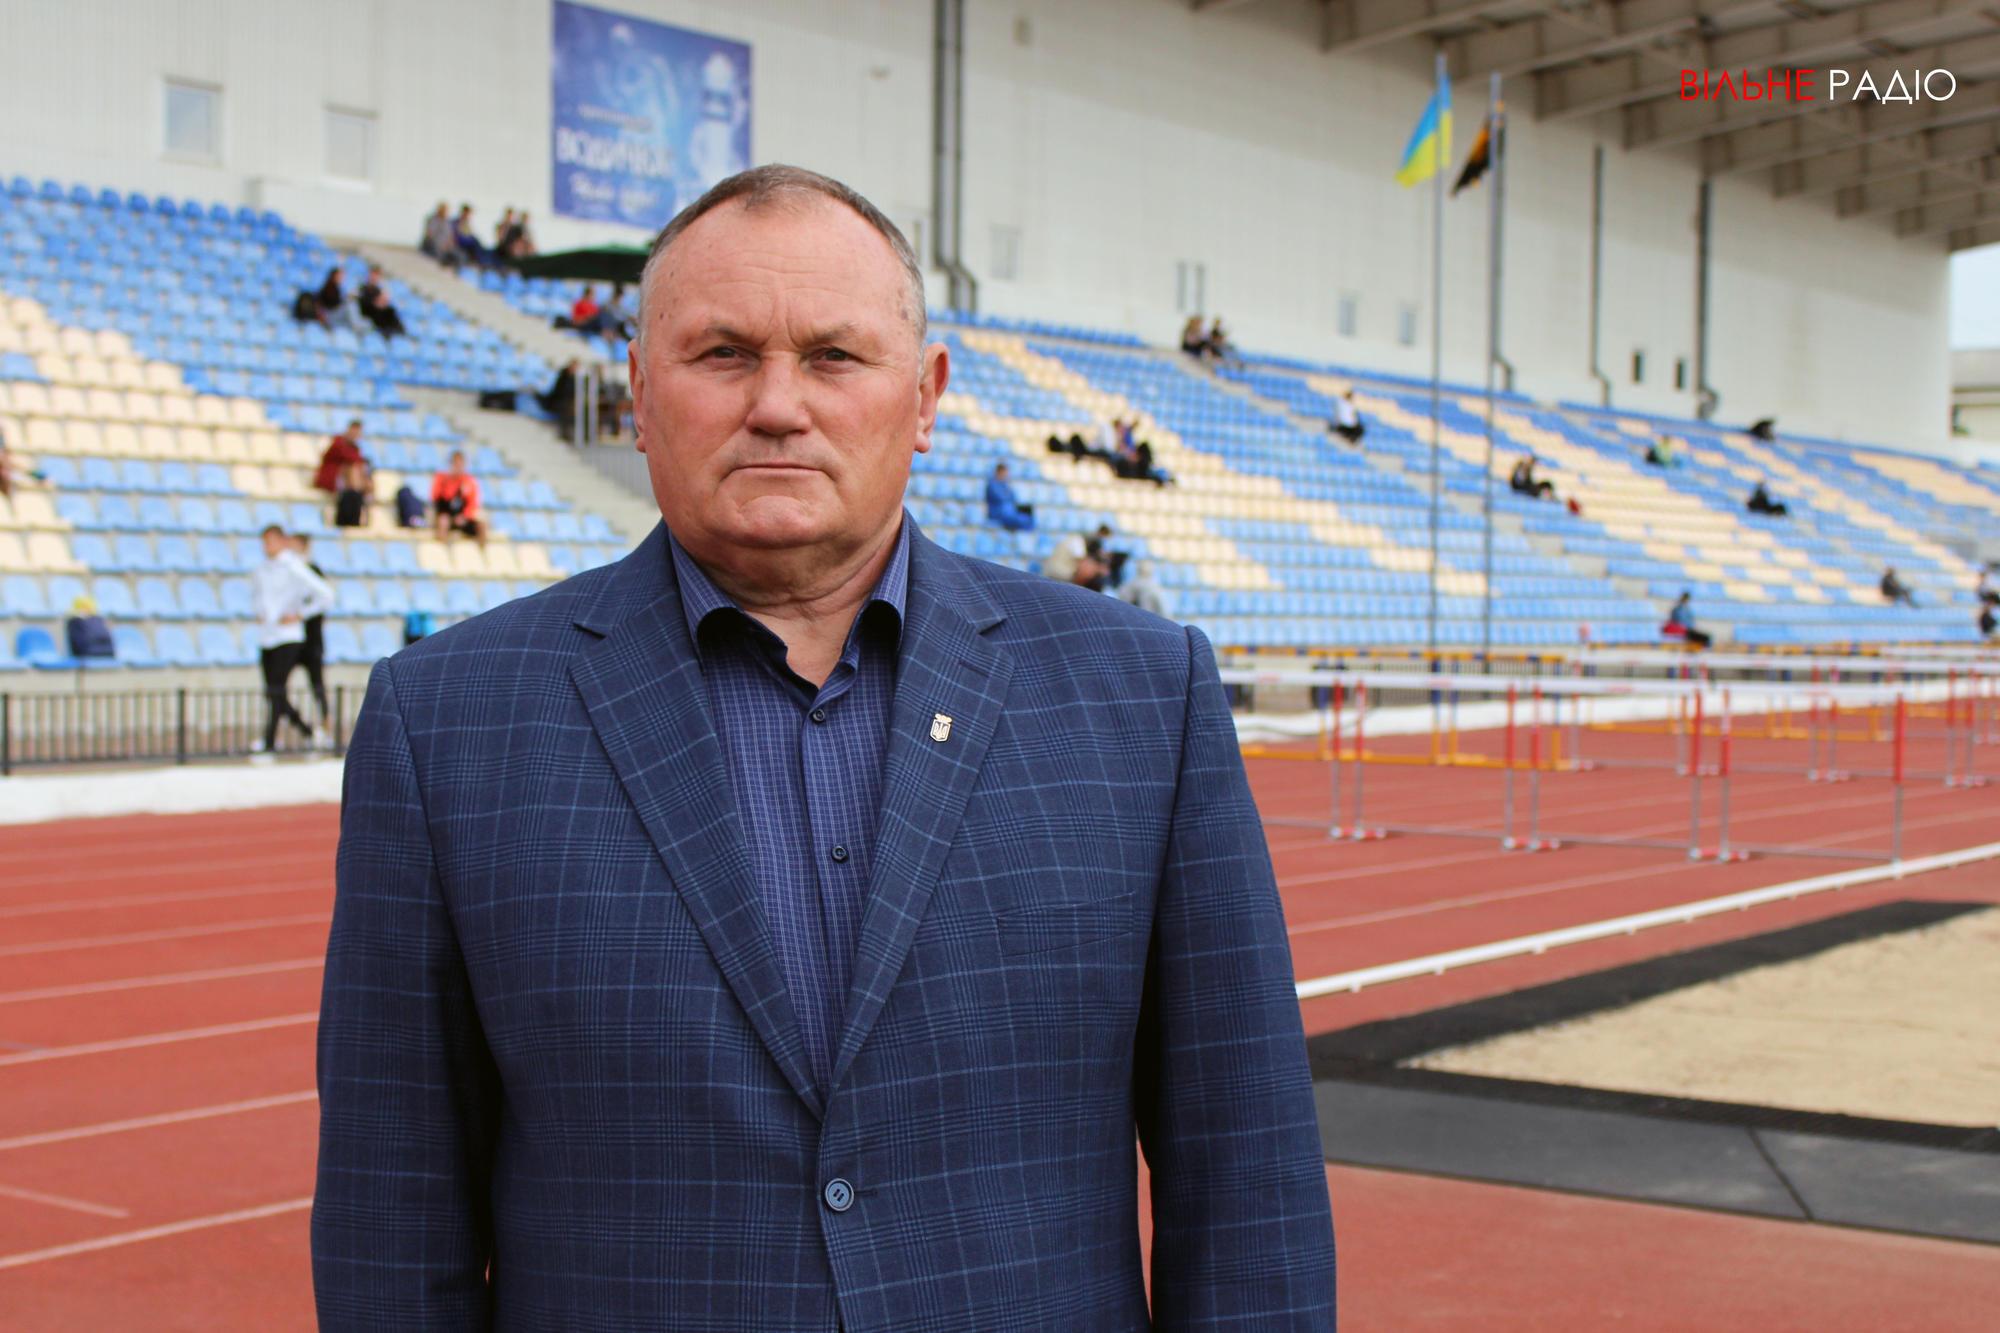 Начальник управления по вопросам физической культуры и спорта г. Бахмут, президент федерации легкой атлетики Донецкой области Виктор Лис